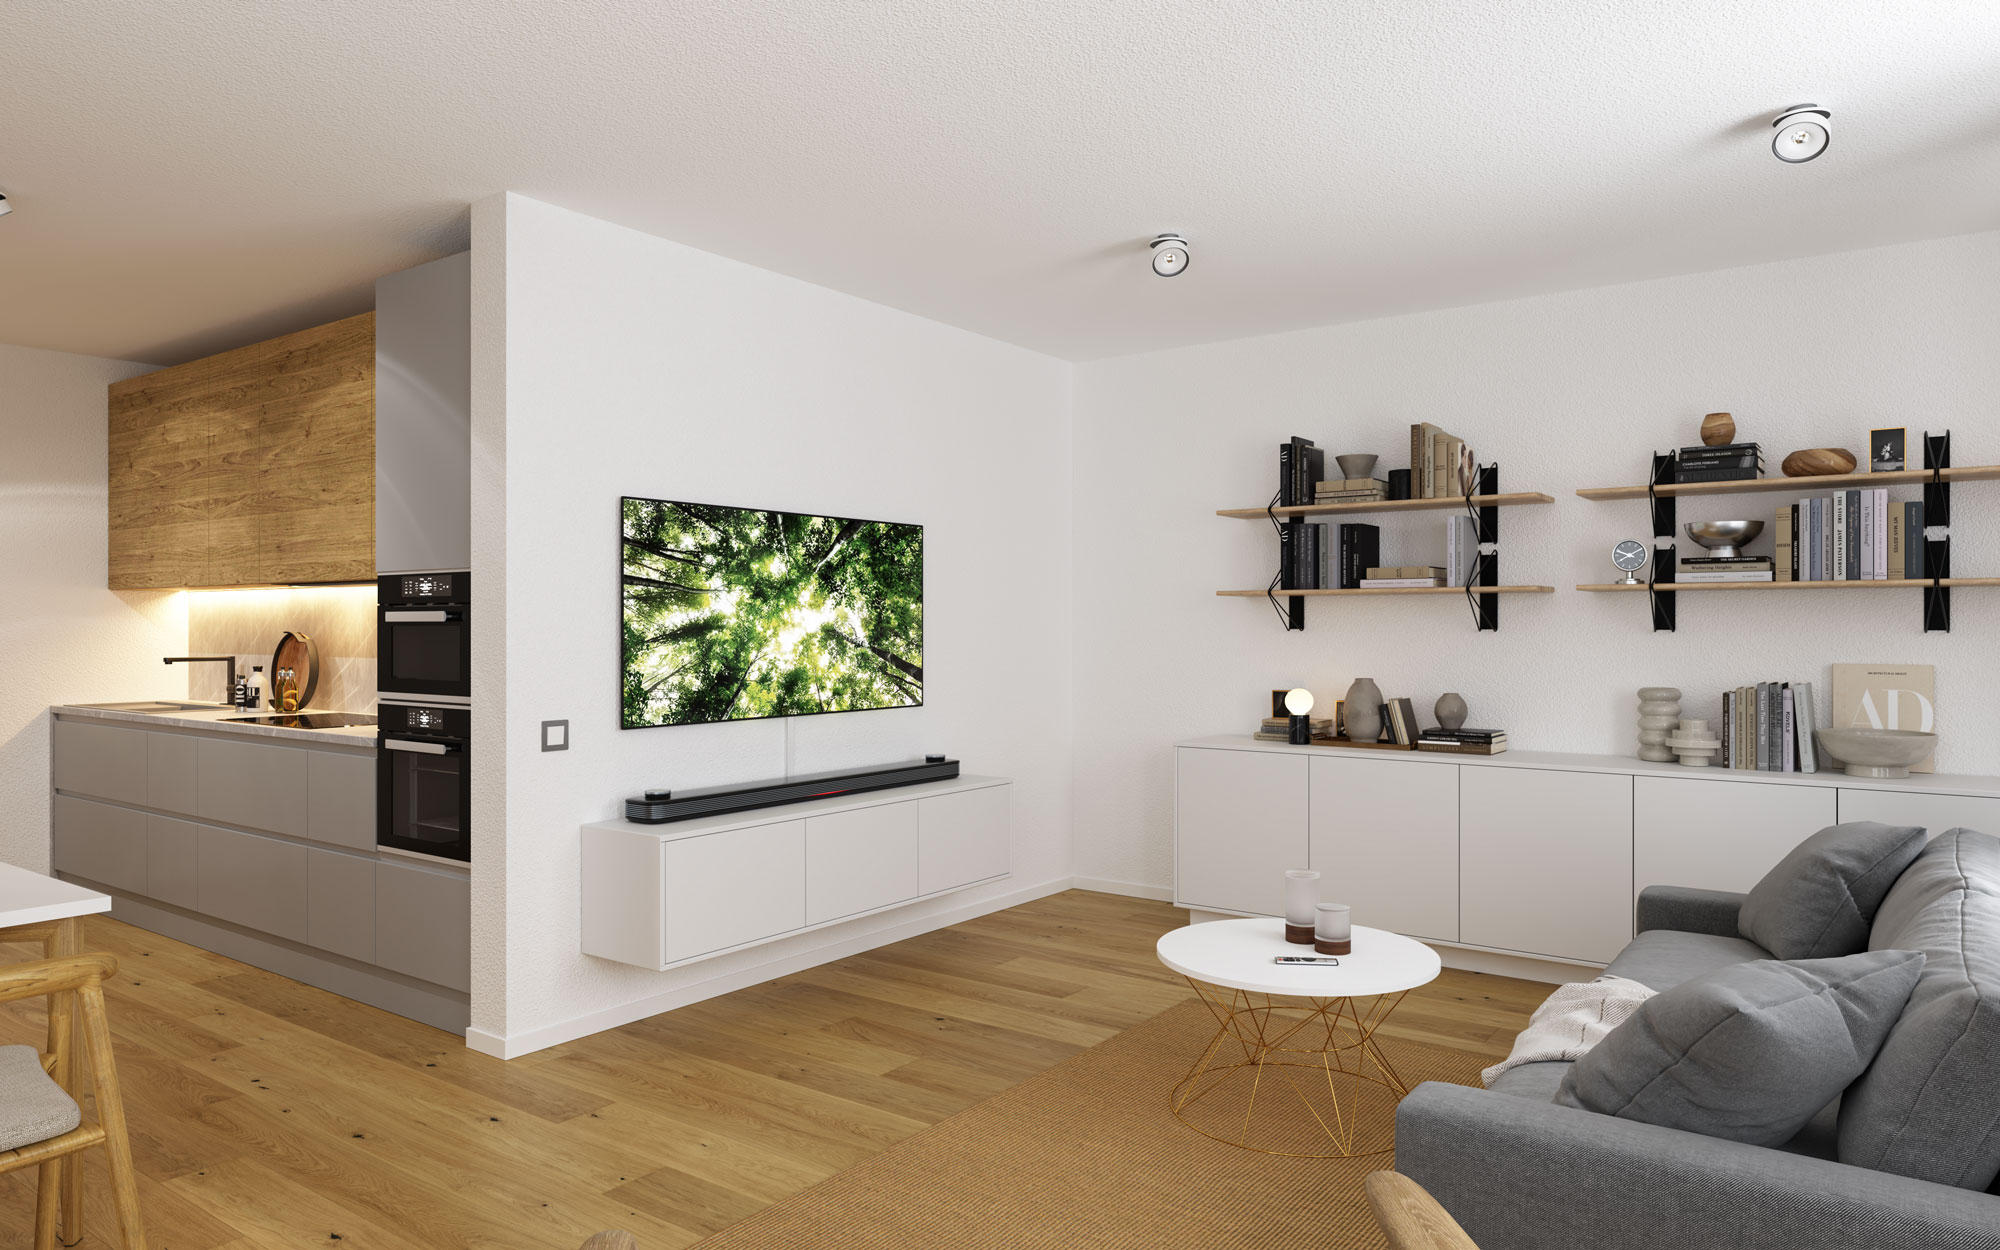 Wohnzimmer 3D Visualisierung Innenraum